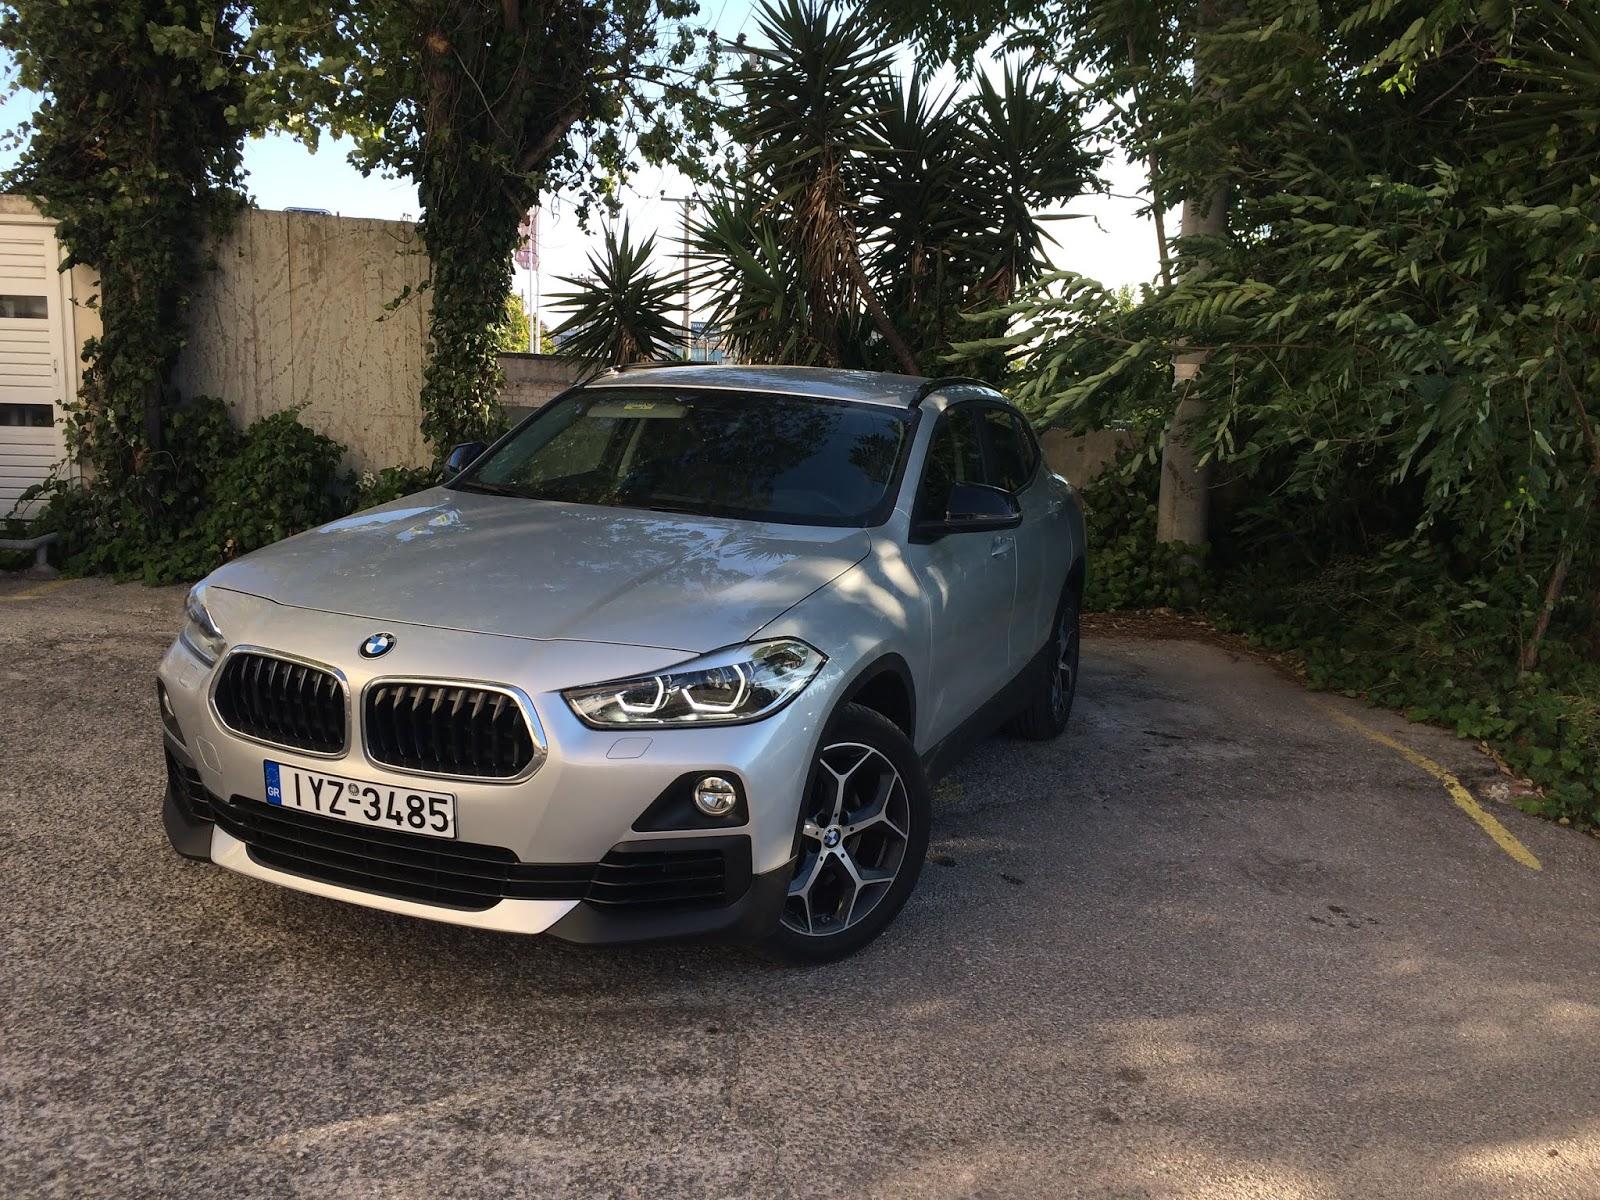 IMG 1775 Οδηγούμε τη BMW X2 sDrive 18i BMW, BMW X2, TEST, ΔΟΚΙΜΕΣ